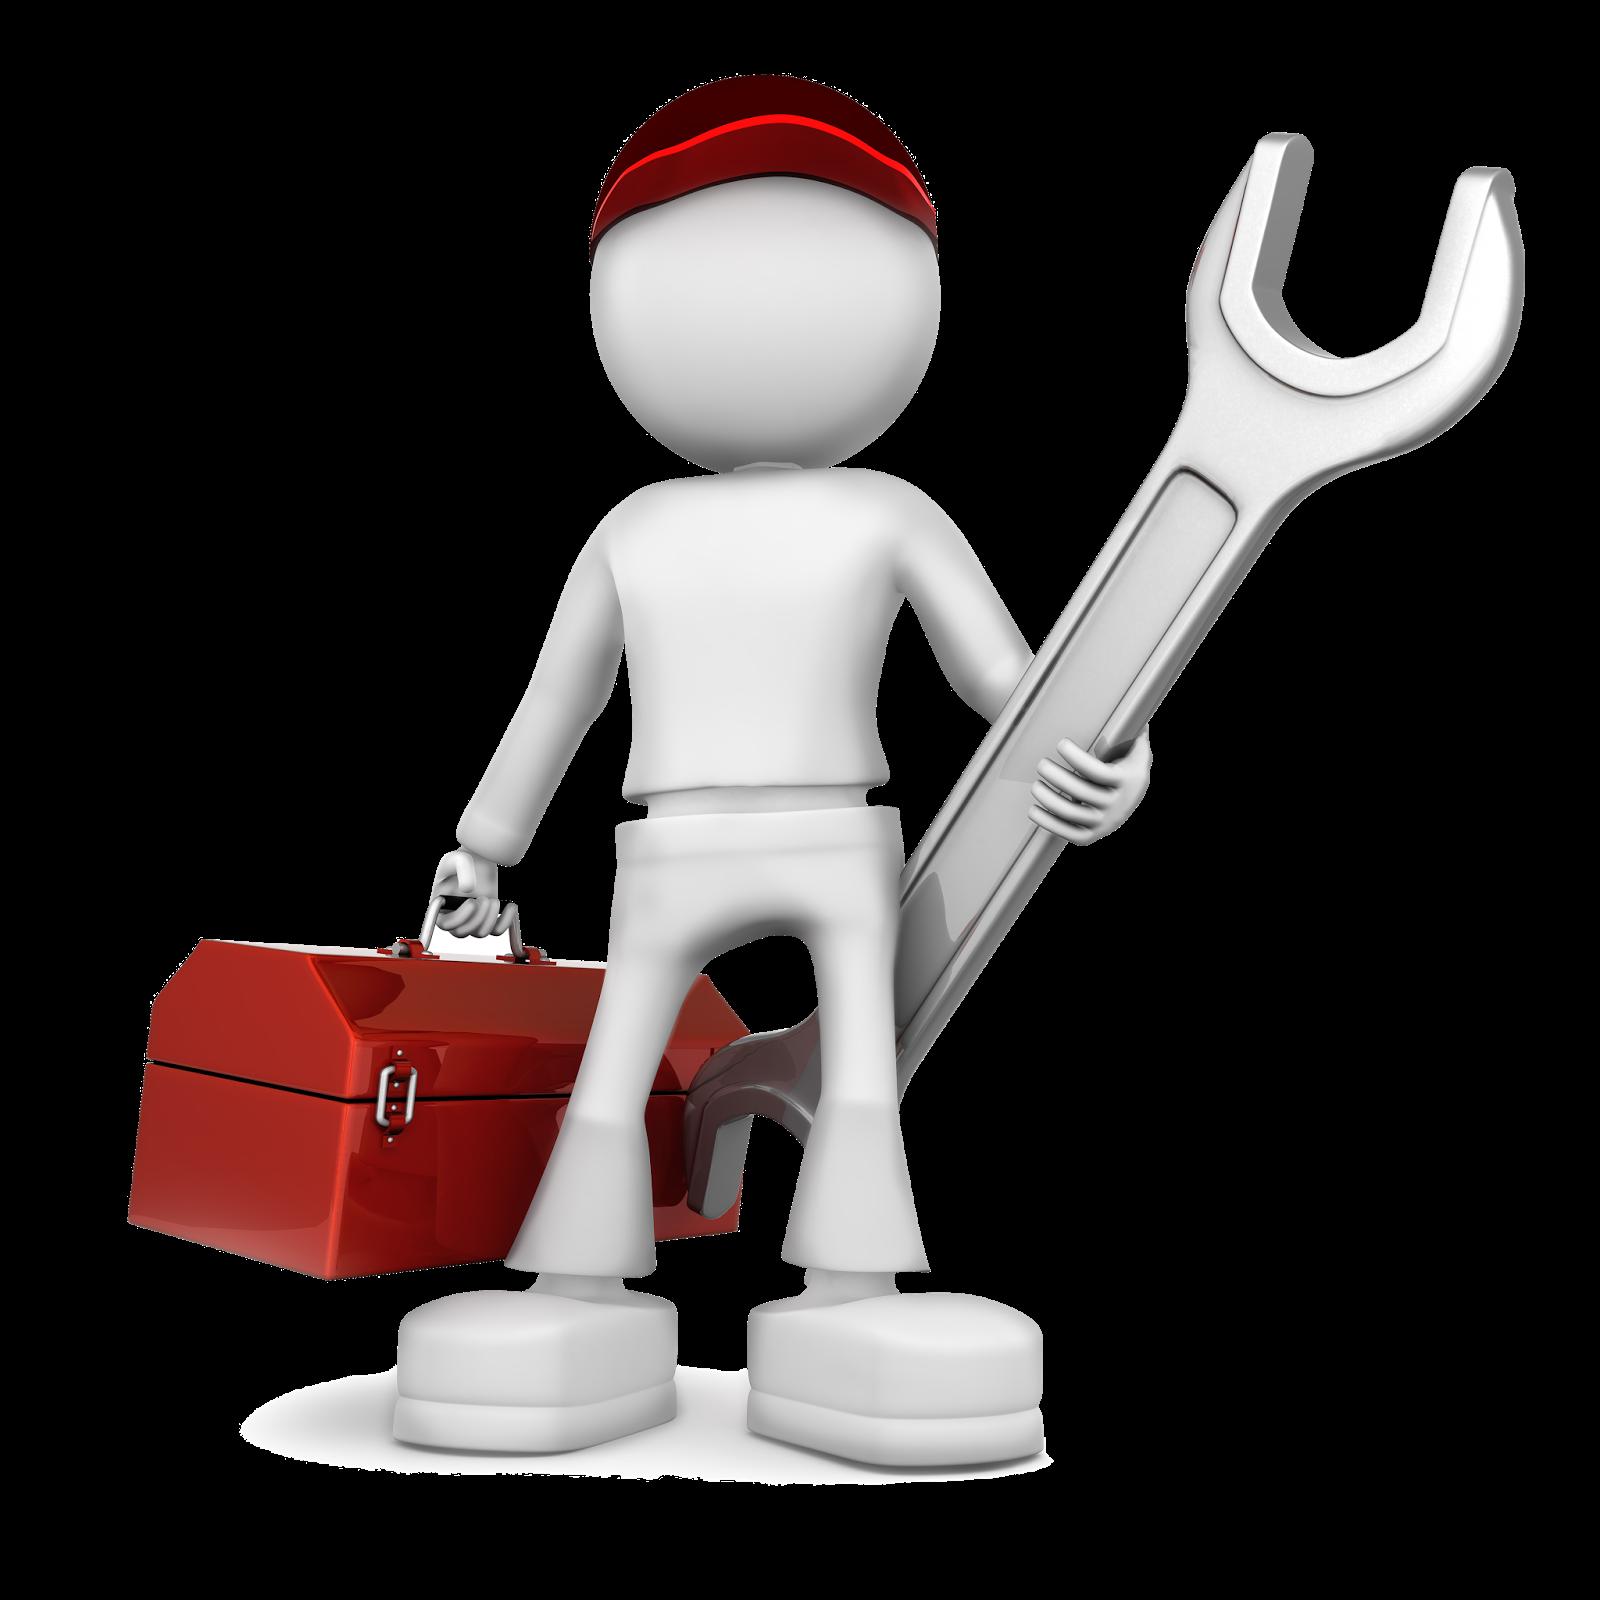 funcion mantenimiento maquina industrial: